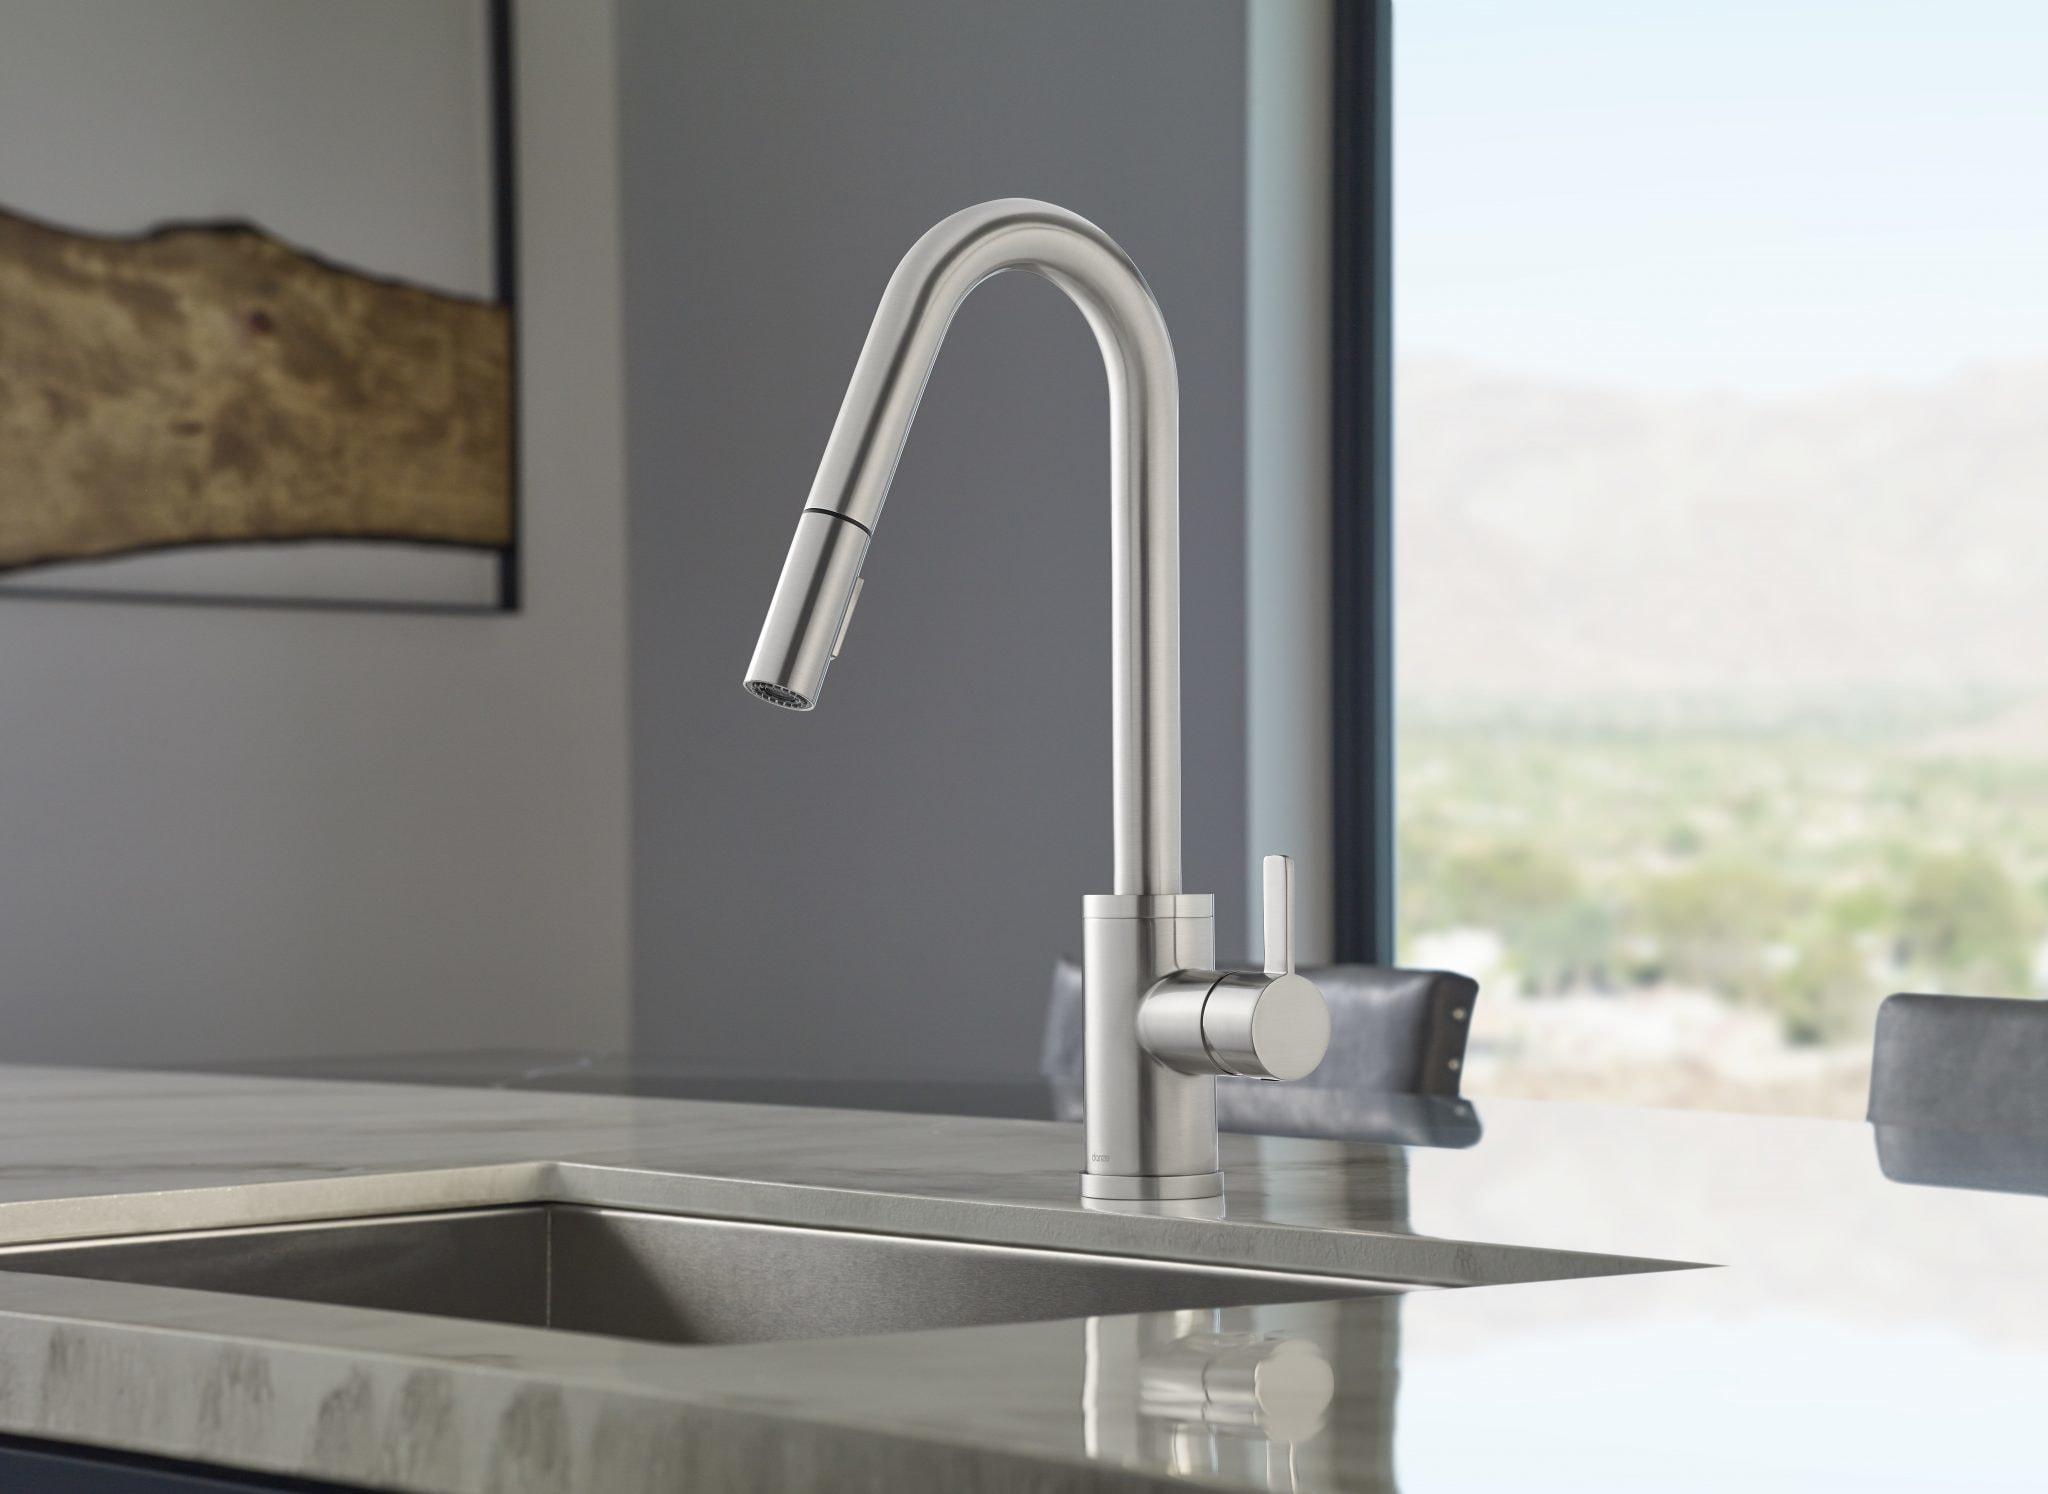 Danze Faucets installation modern kitchen model